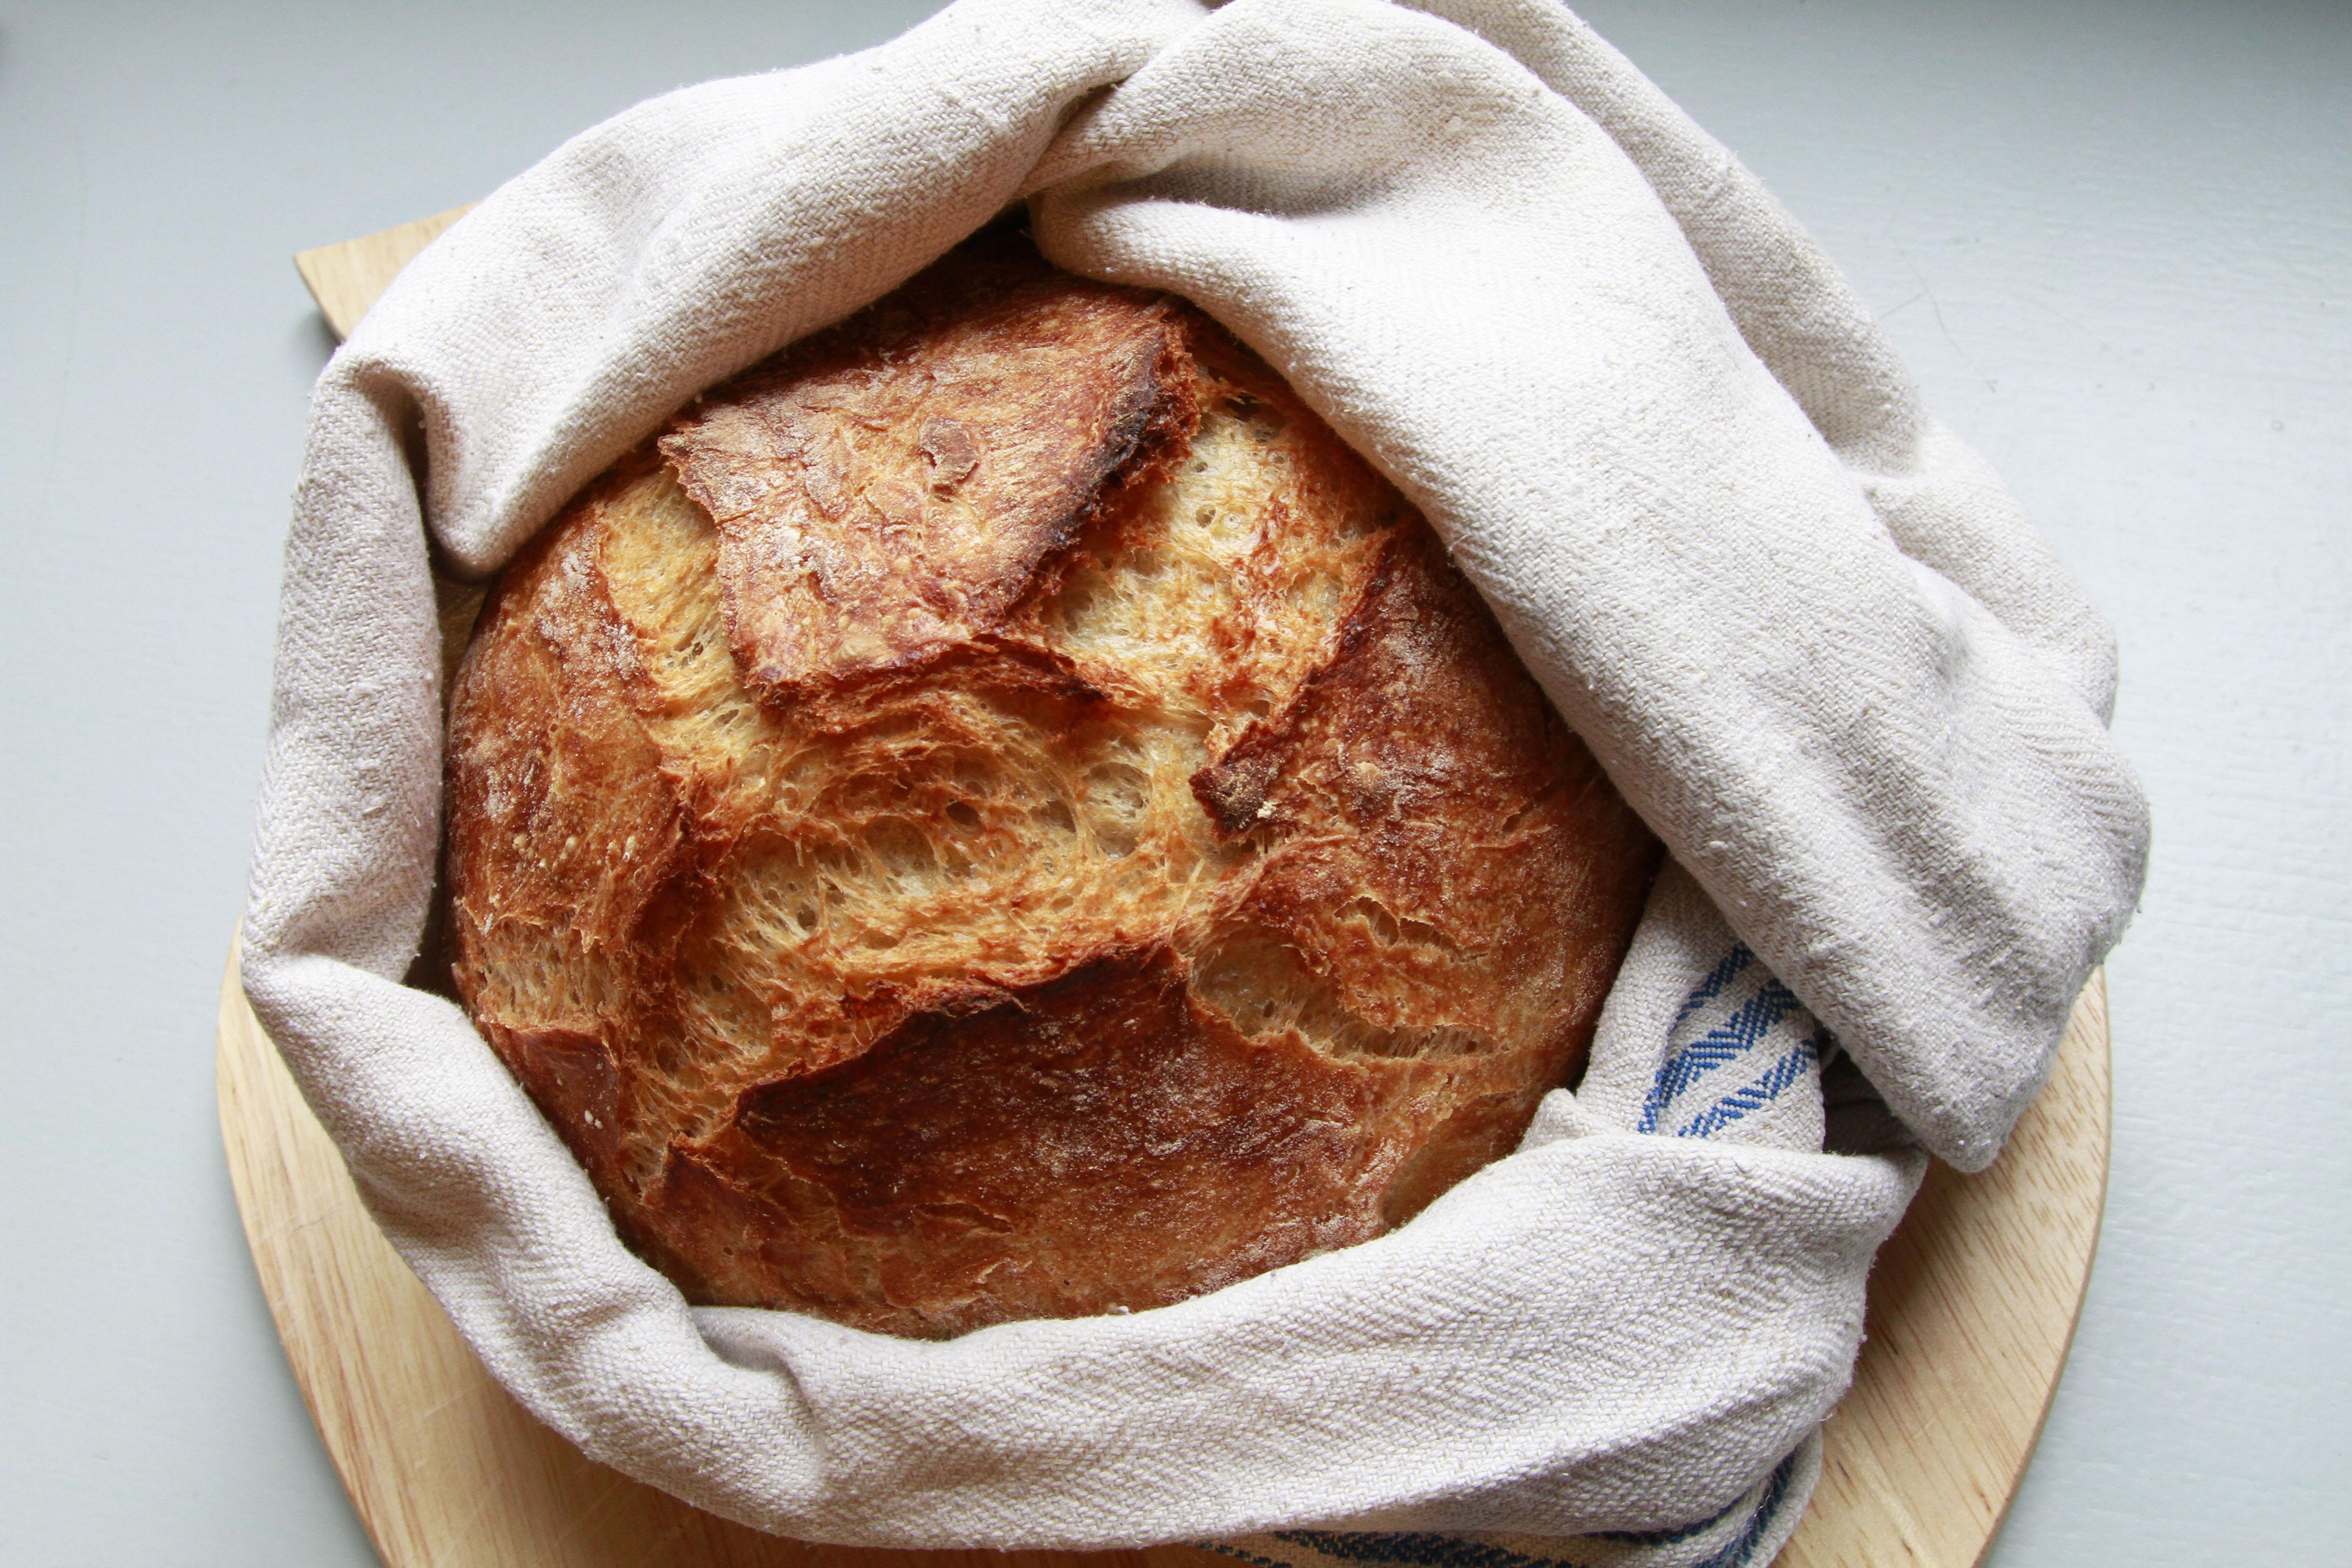 leipä2.jpg